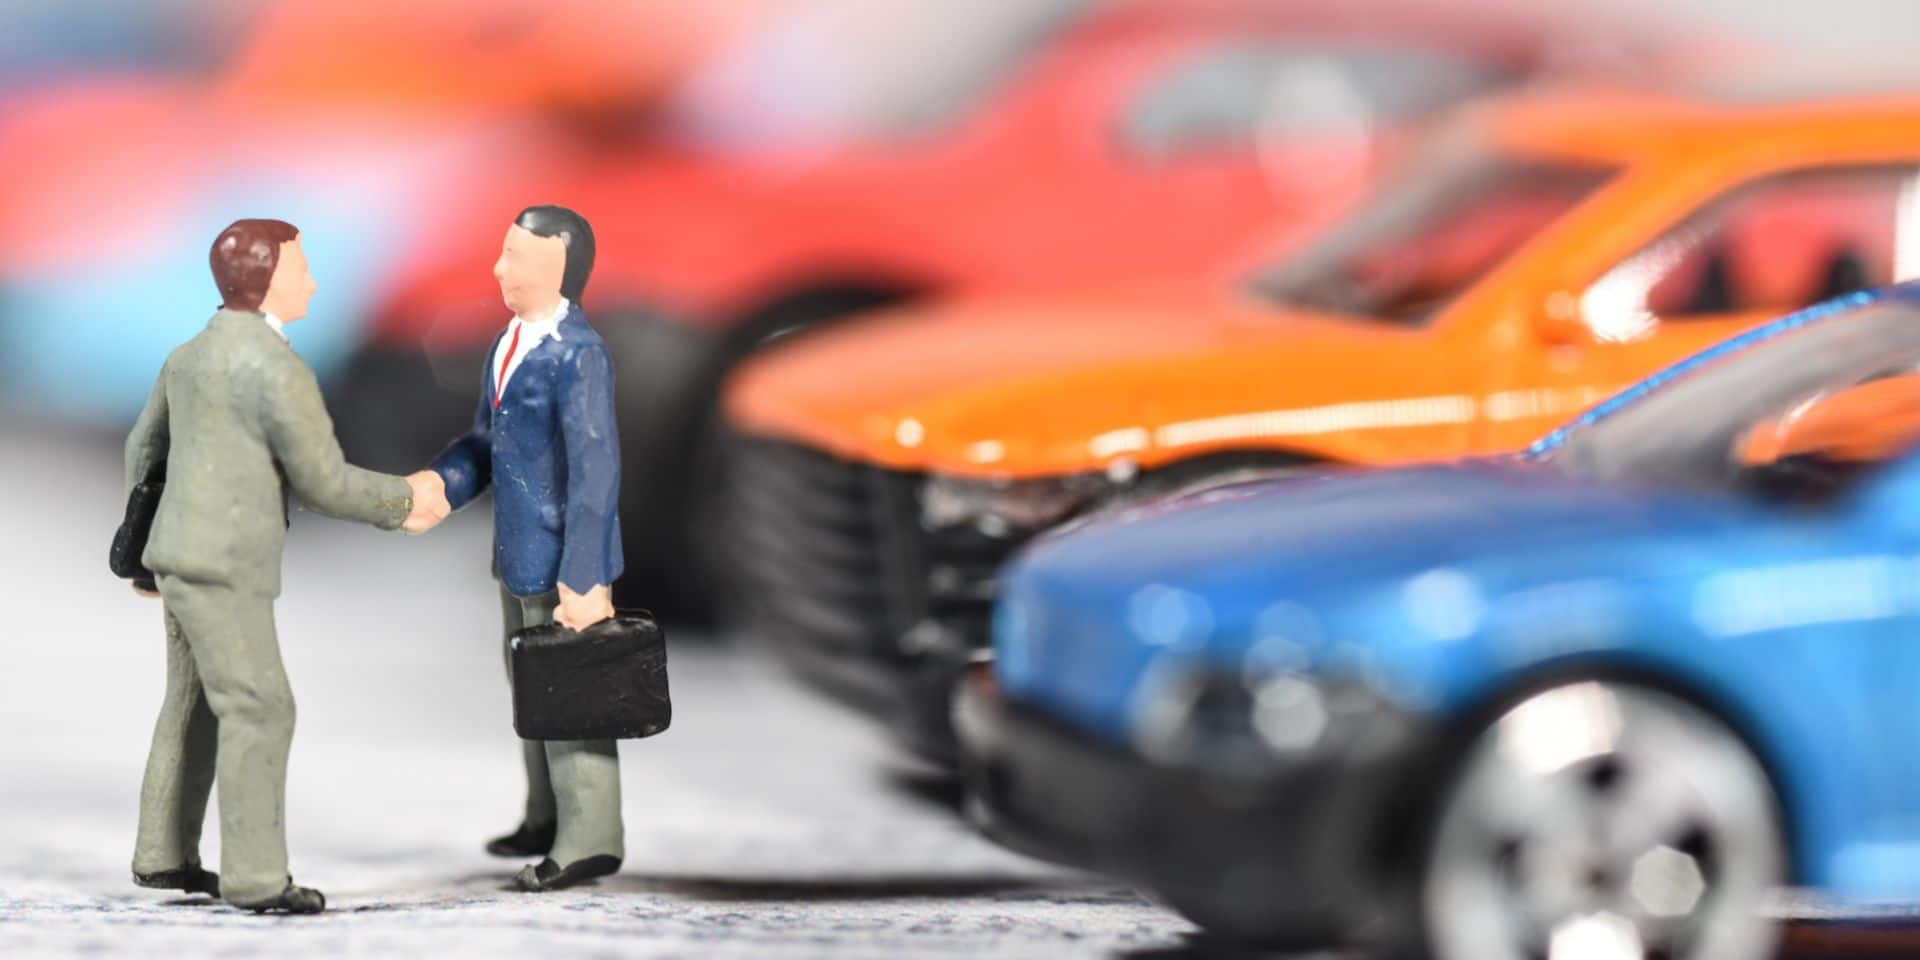 Les concessionnaires tournaisiens craignent une rupture de stock des véhicules d'occasion